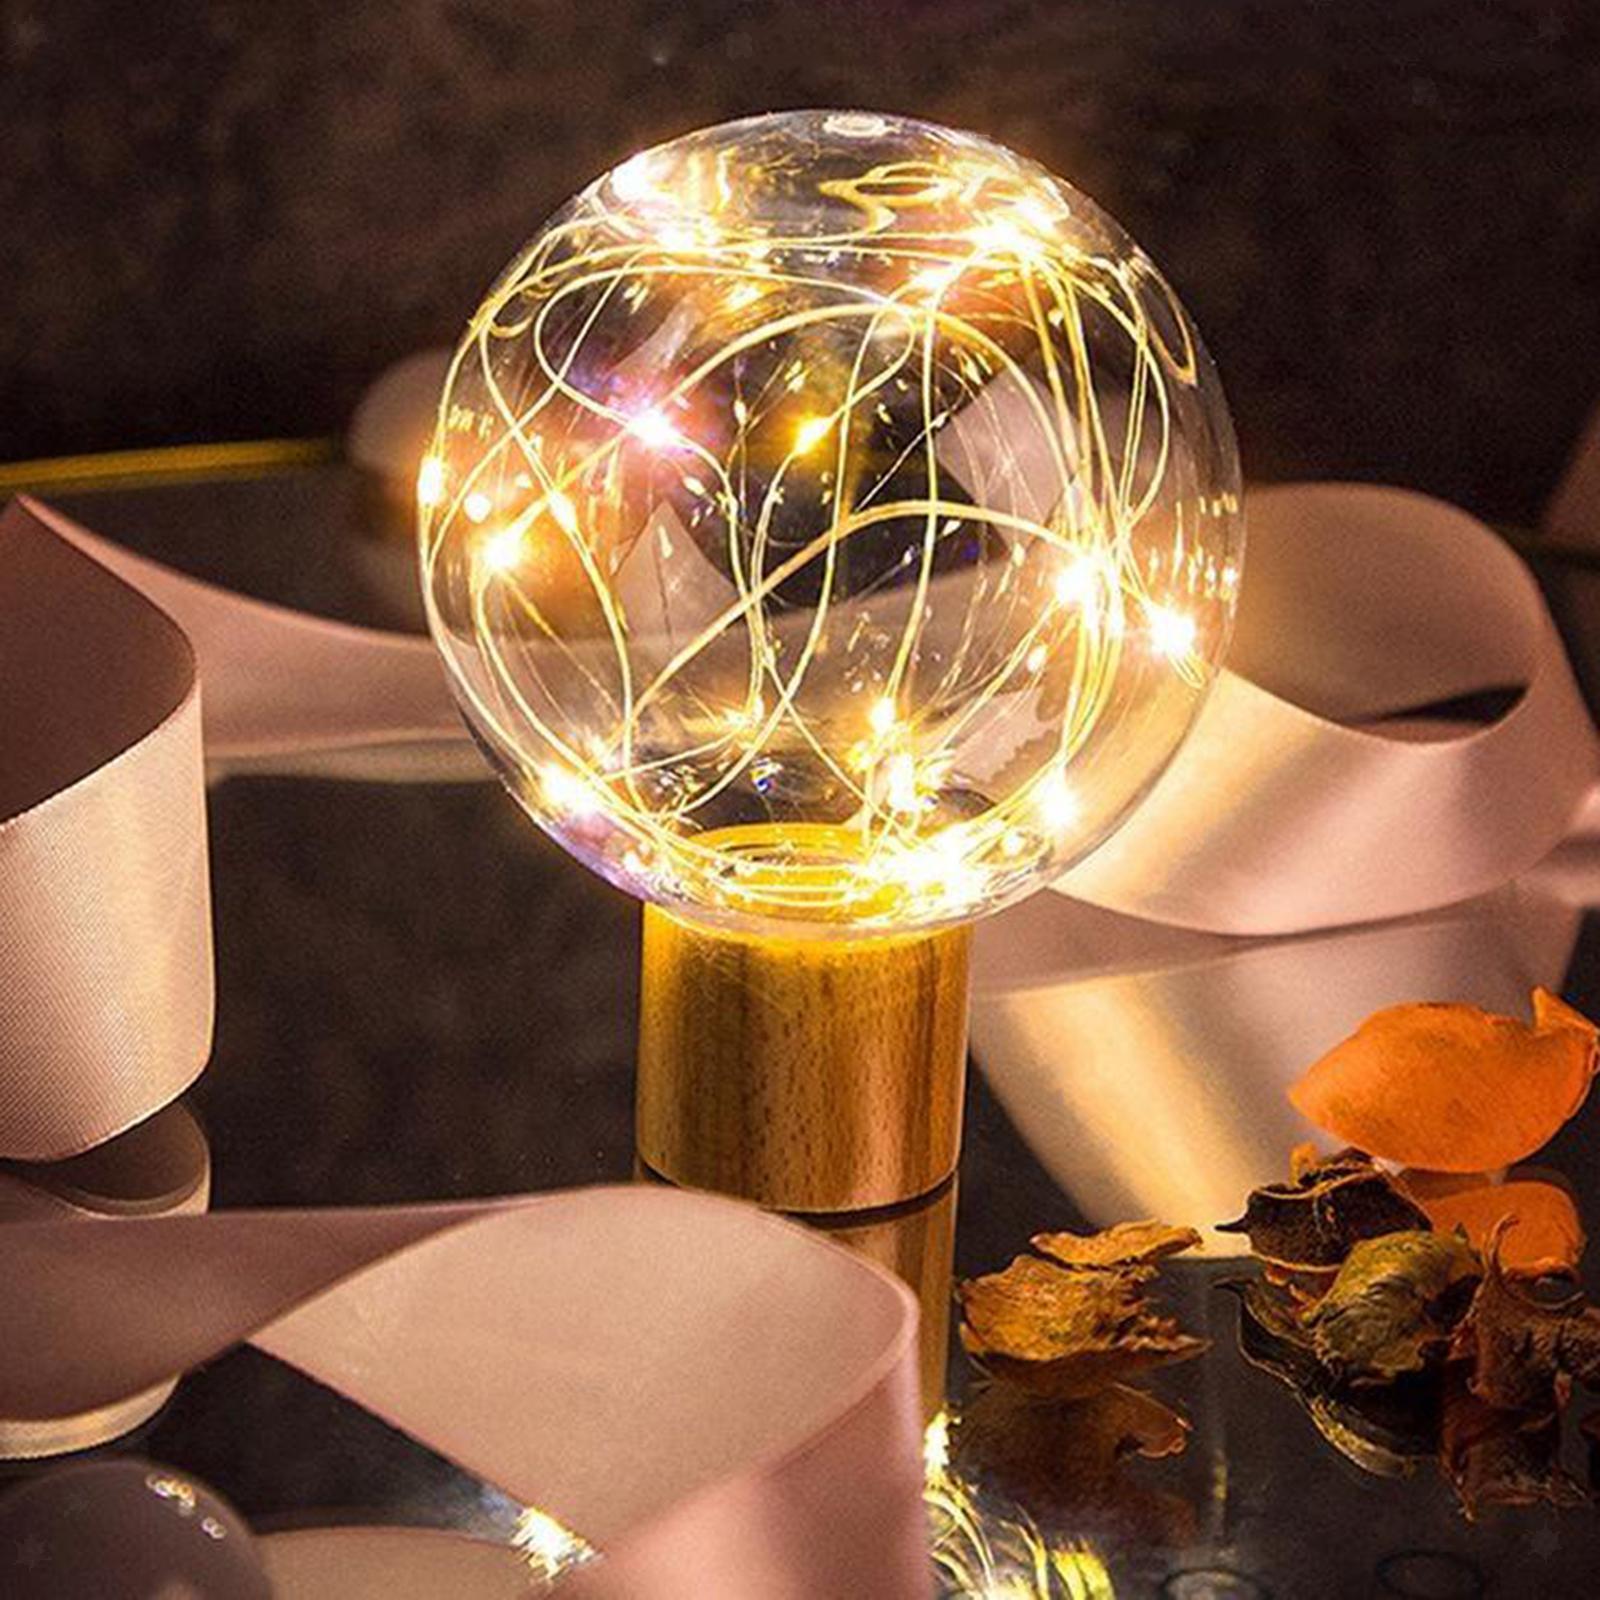 Lampada-da-tavolo-con-luce-notturna-in-cristallo-USB-Ricarica-telecomando miniatura 6